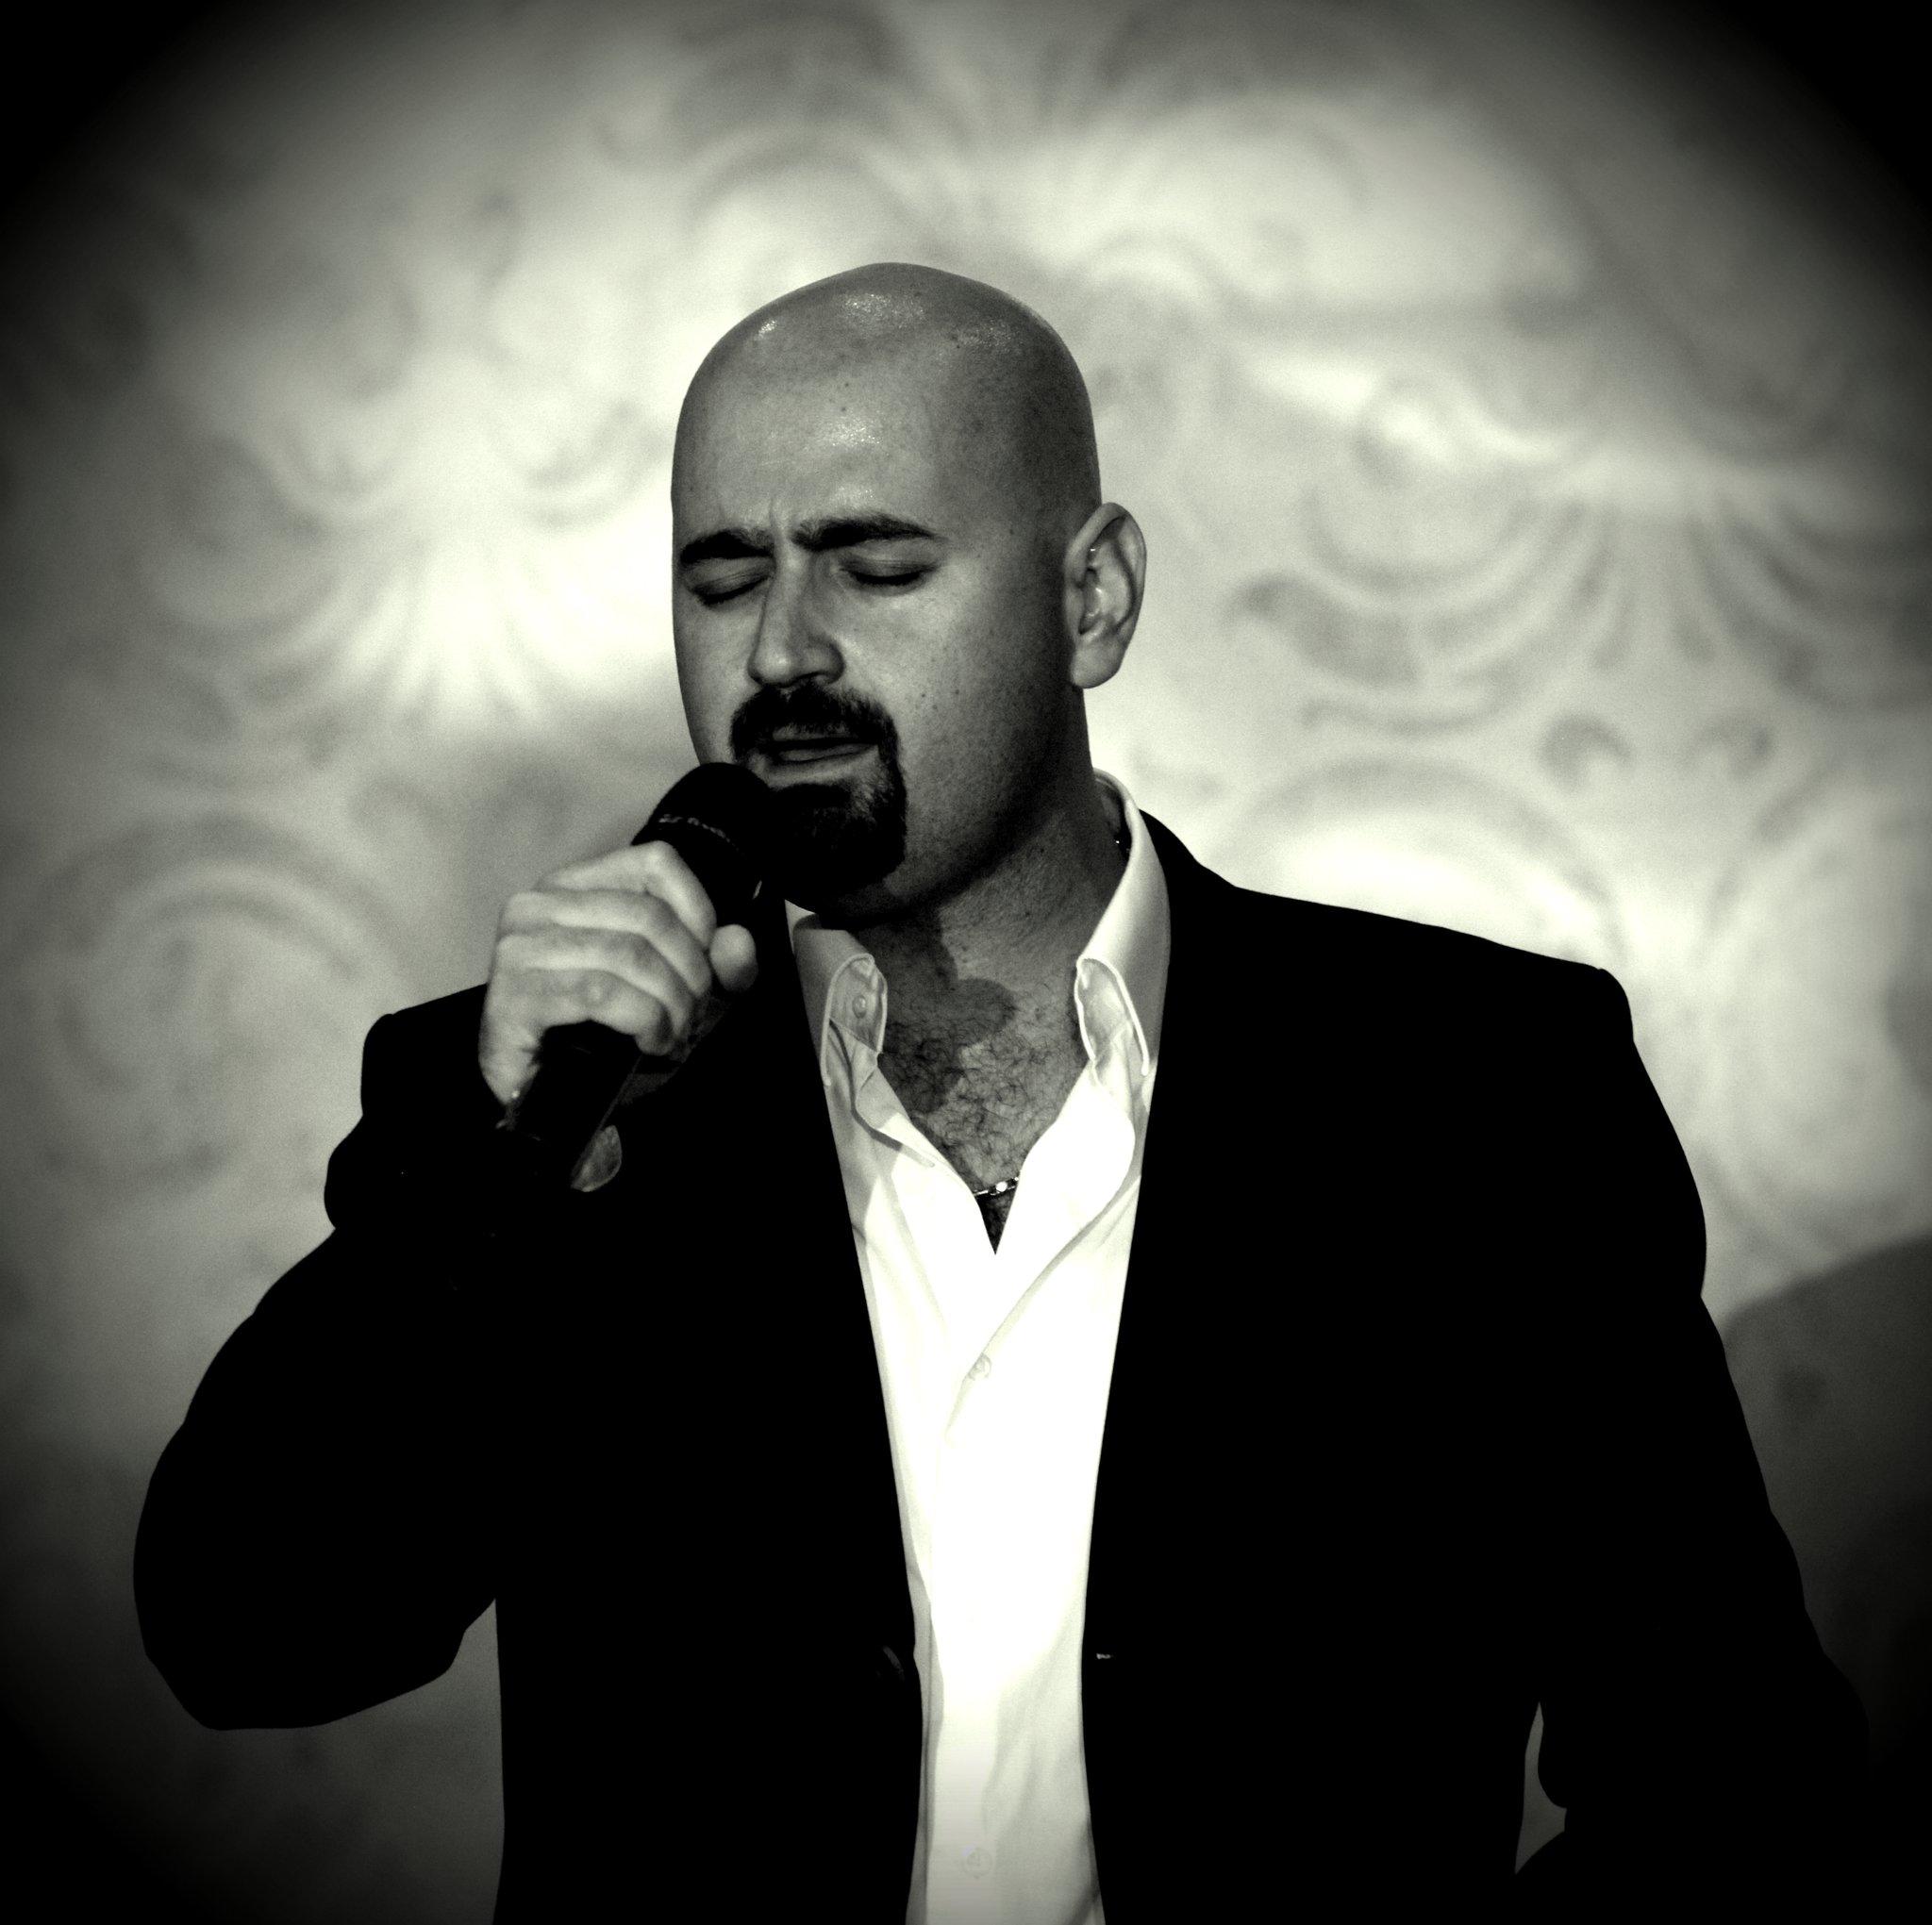 Shiraz Yeghiazarian